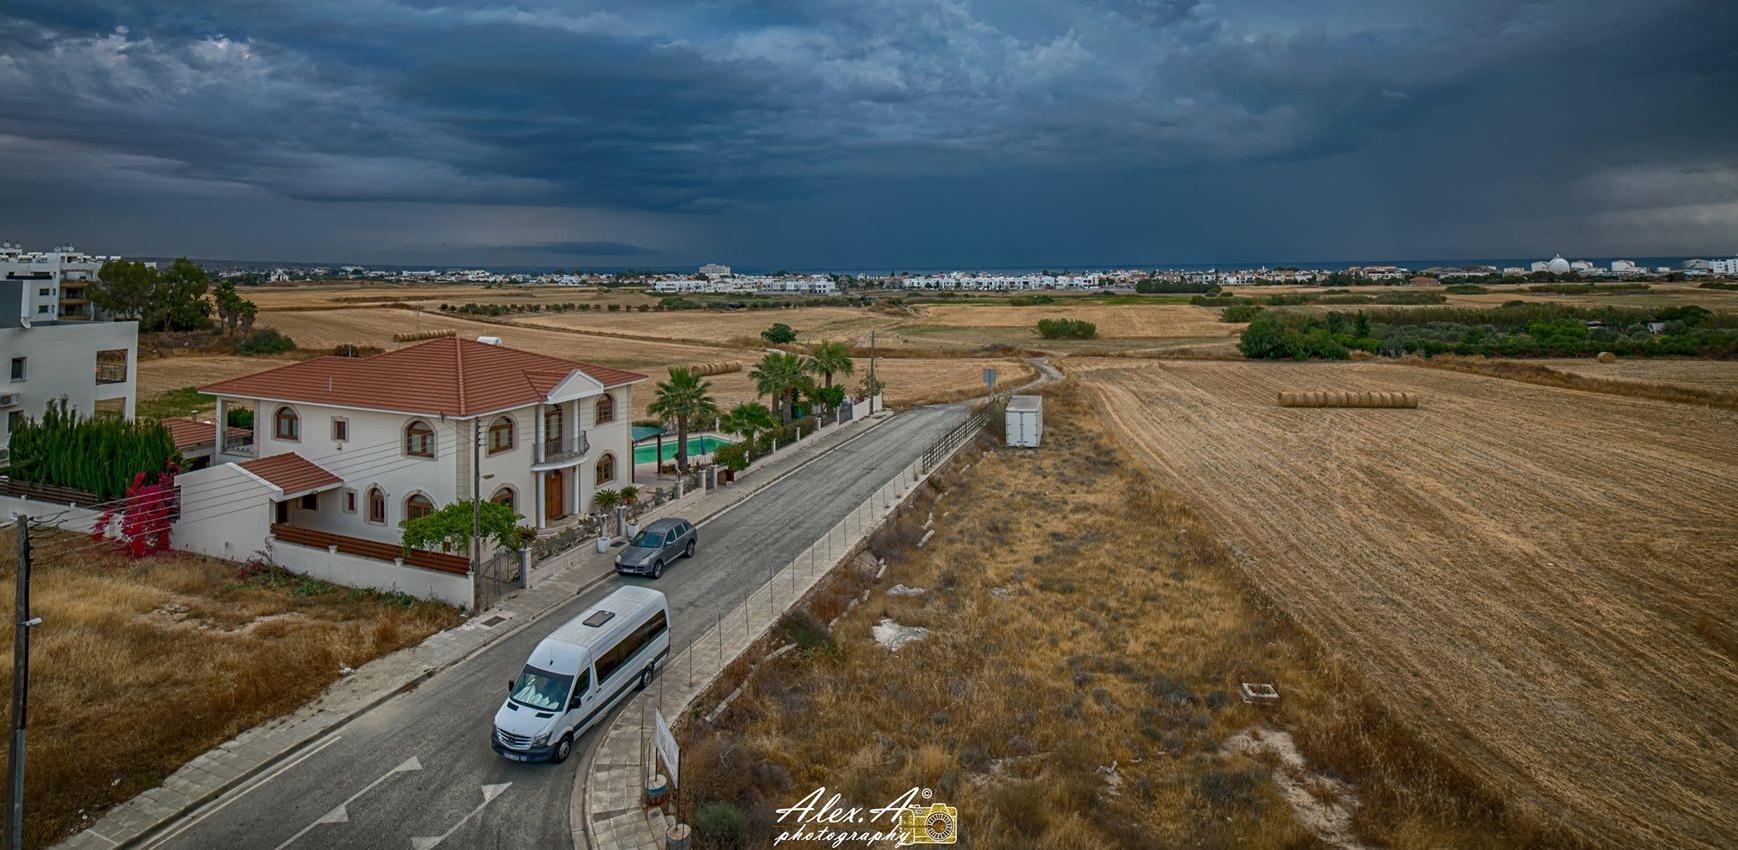 Απίστευτη φωτογραφία…Ο συννεφιασμένος ουρανός στα Λιβάδια που απλώνεται μέχρι και την Δεκέλεια (pic)